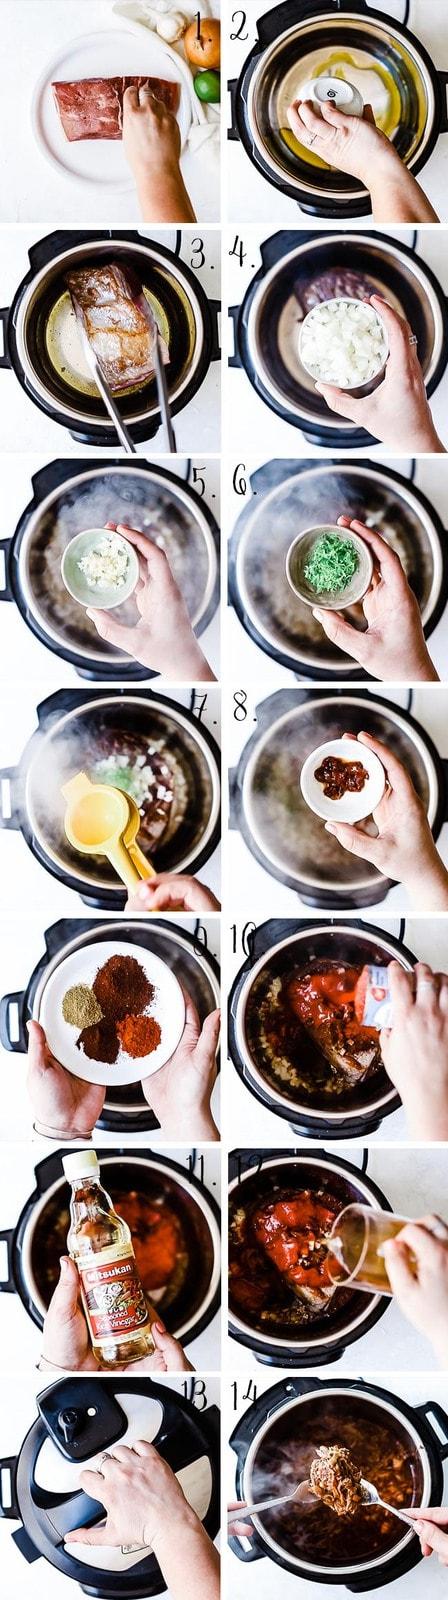 Beef barbacoa process.